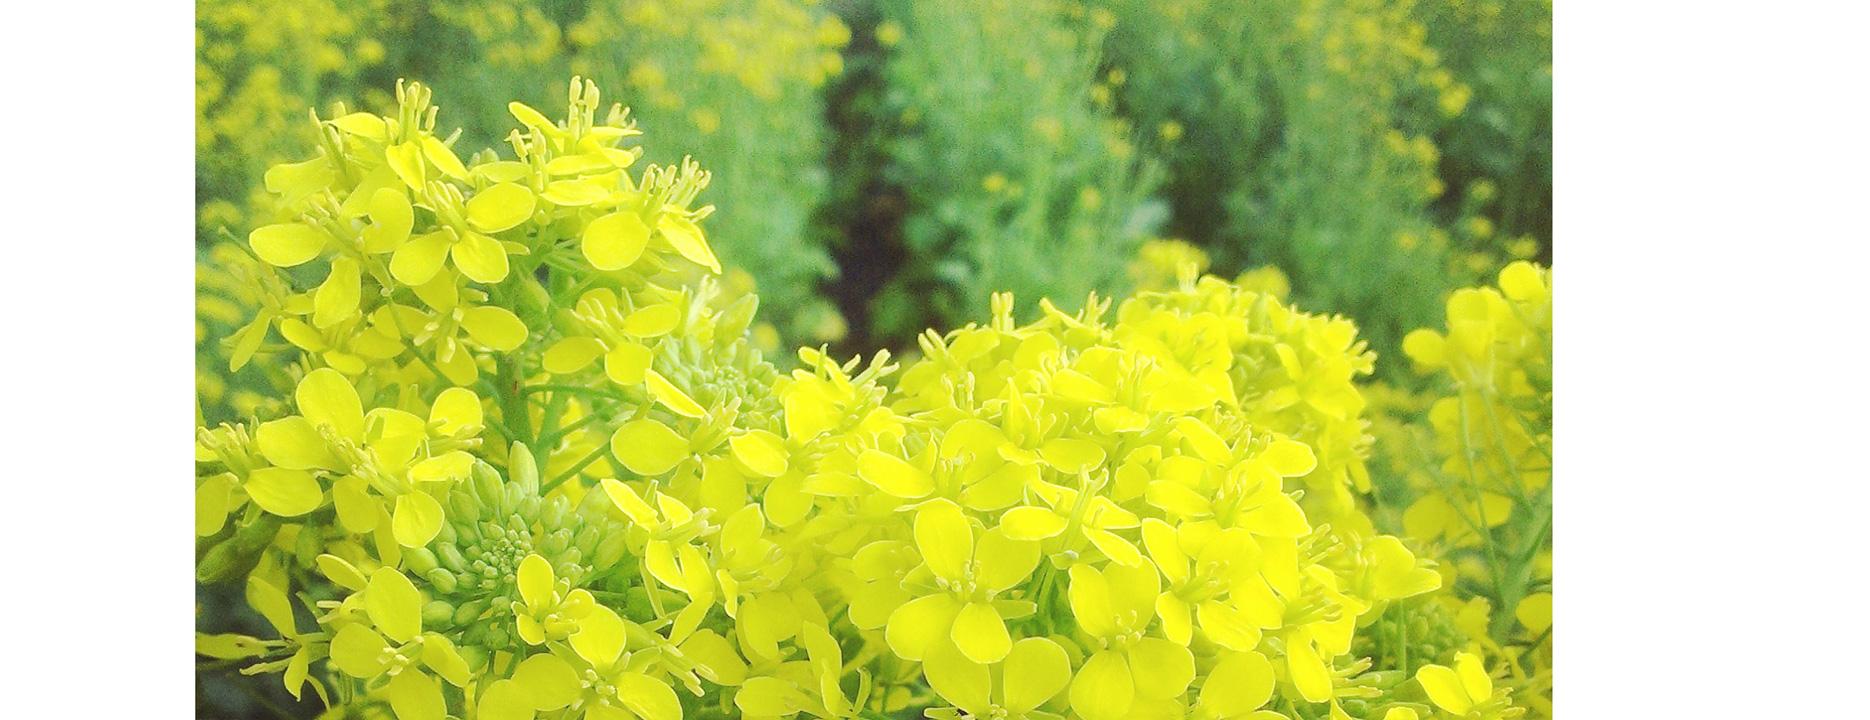 mustard-smaller-7-cropped-L.jpg